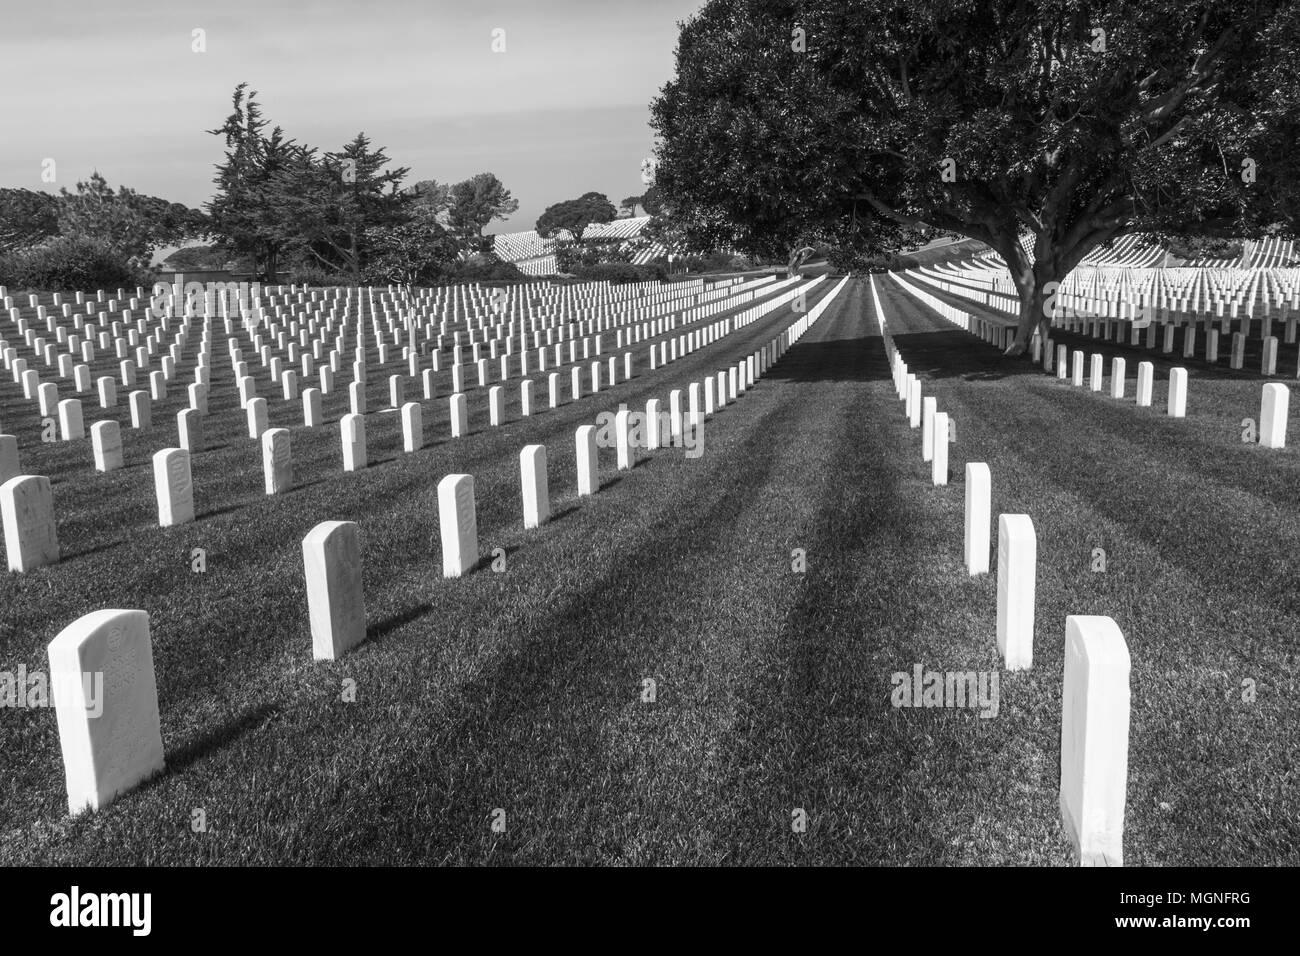 Fort Rosecrans National Cemetery auf der Halbinsel Point Loma in San Diego, Kalifornien. Stockbild